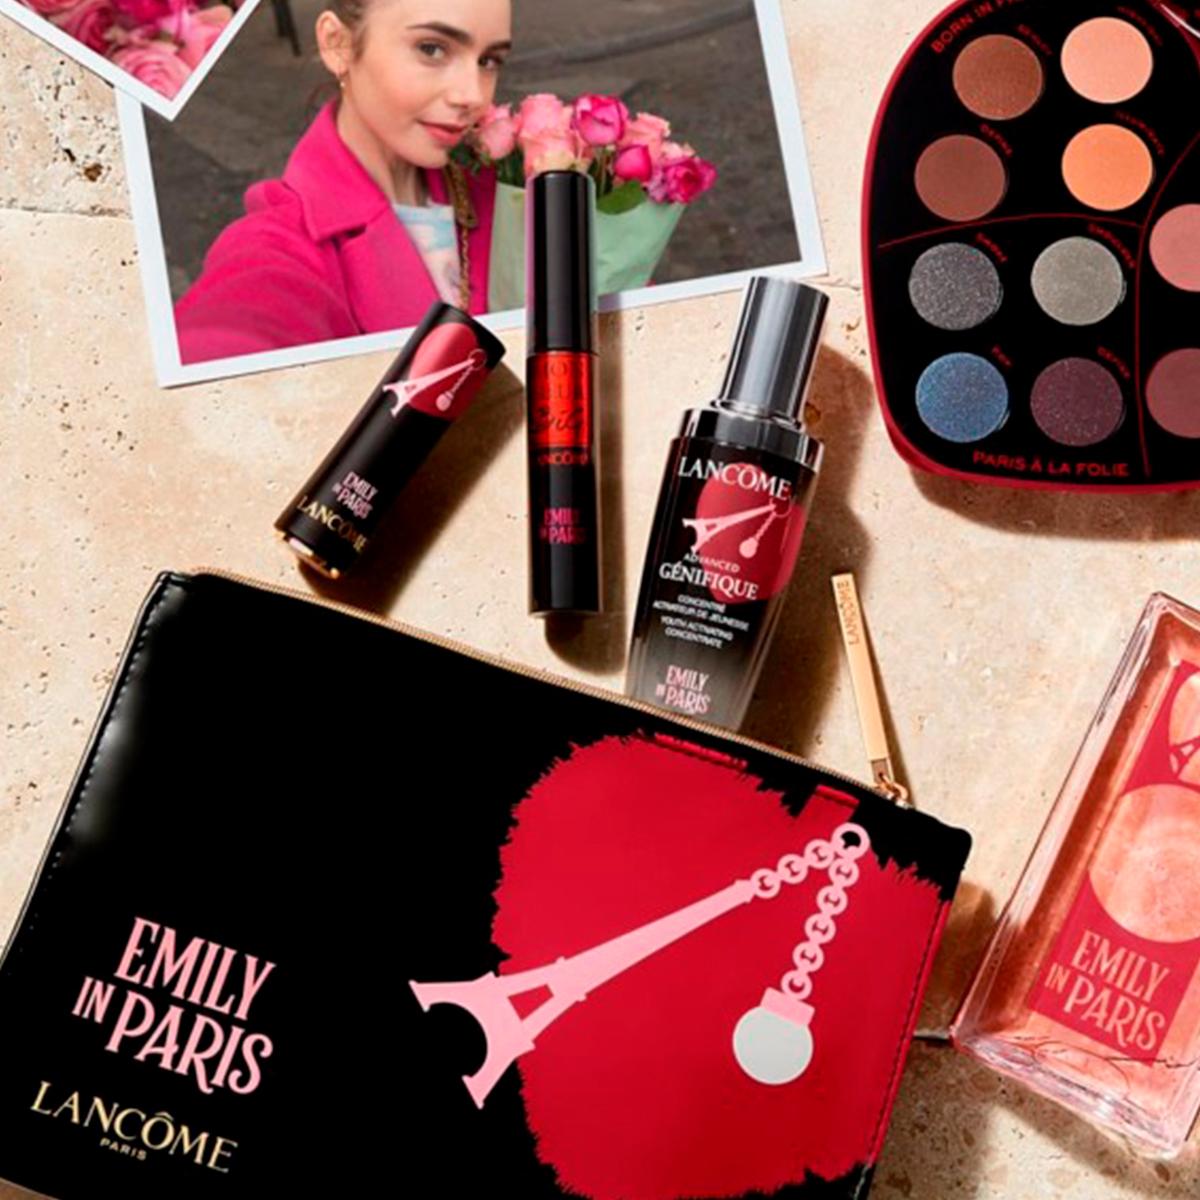 Lancome Emily in Paris